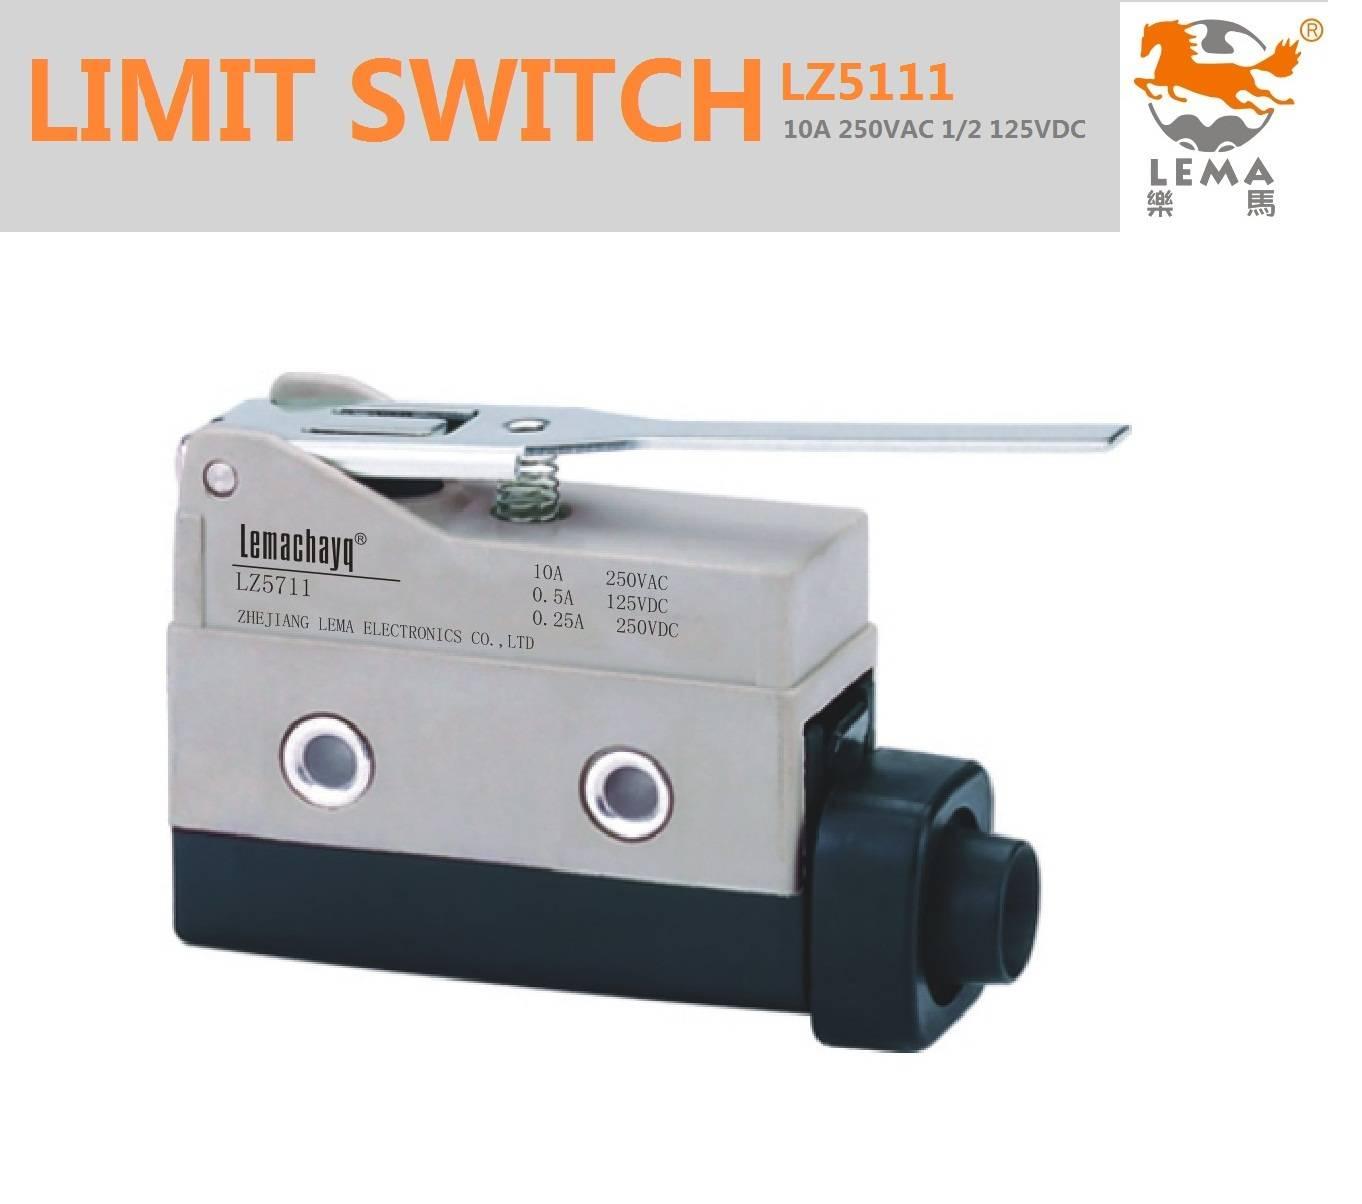 LZ5111 15A limit switch/ basic switch